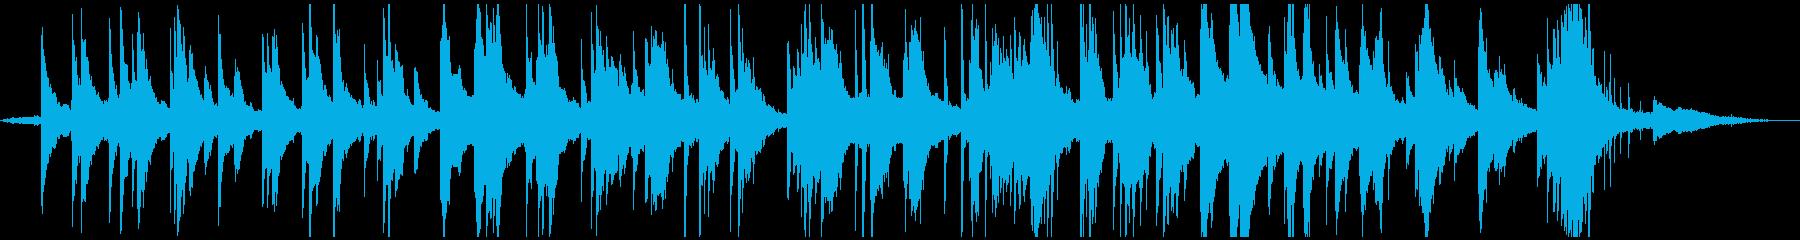 雨音とピアノソロの切ない雰囲気のBGMの再生済みの波形